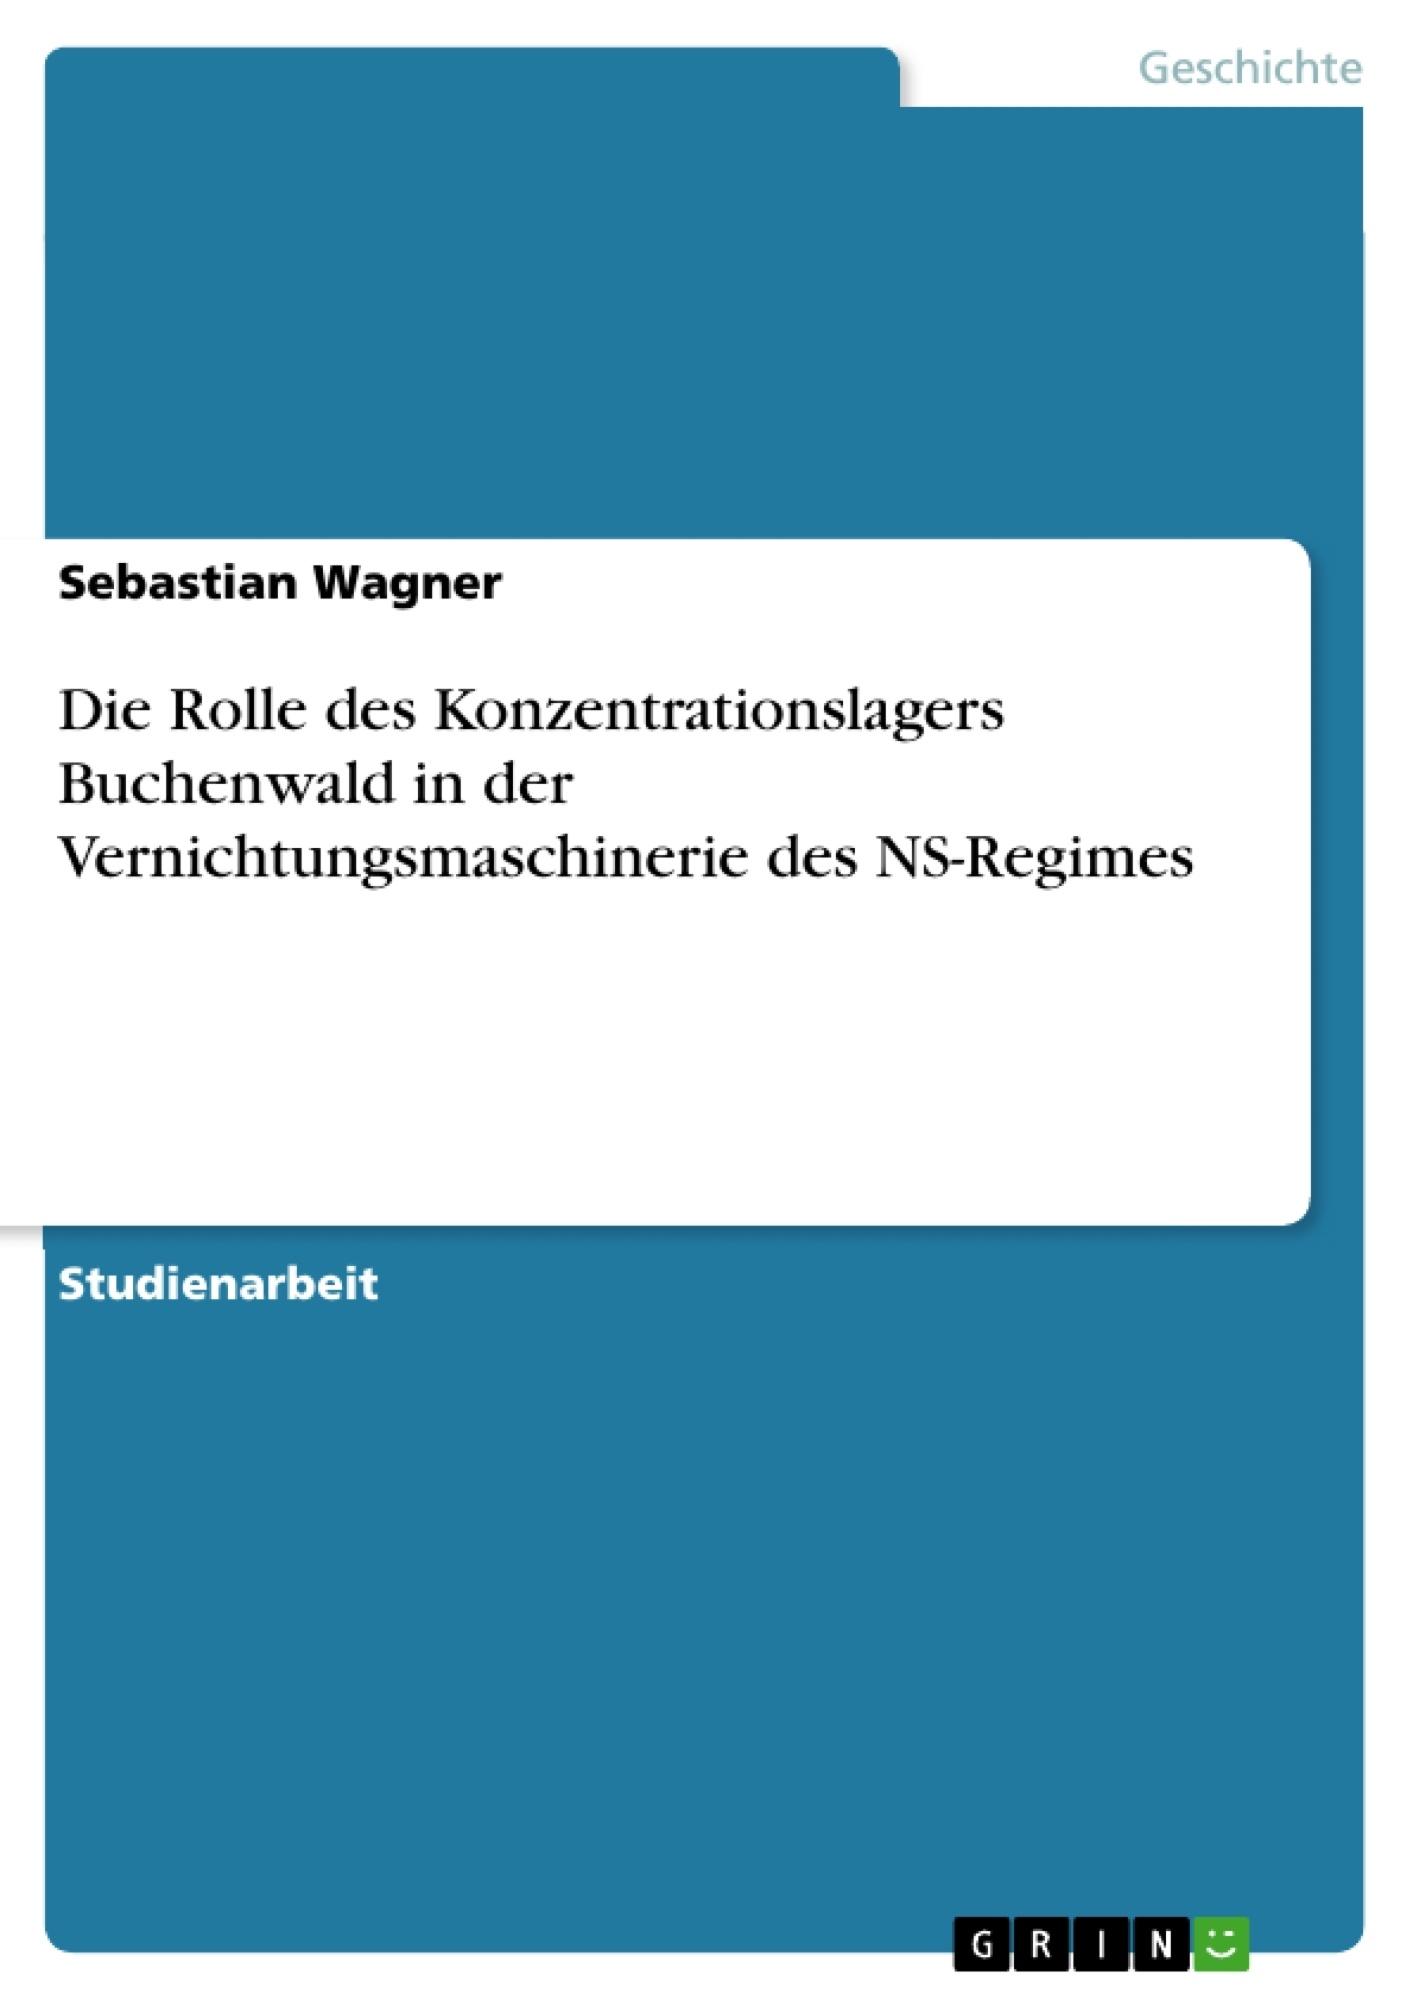 Titel: Die Rolle des Konzentrationslagers Buchenwald in der Vernichtungsmaschinerie des NS-Regimes